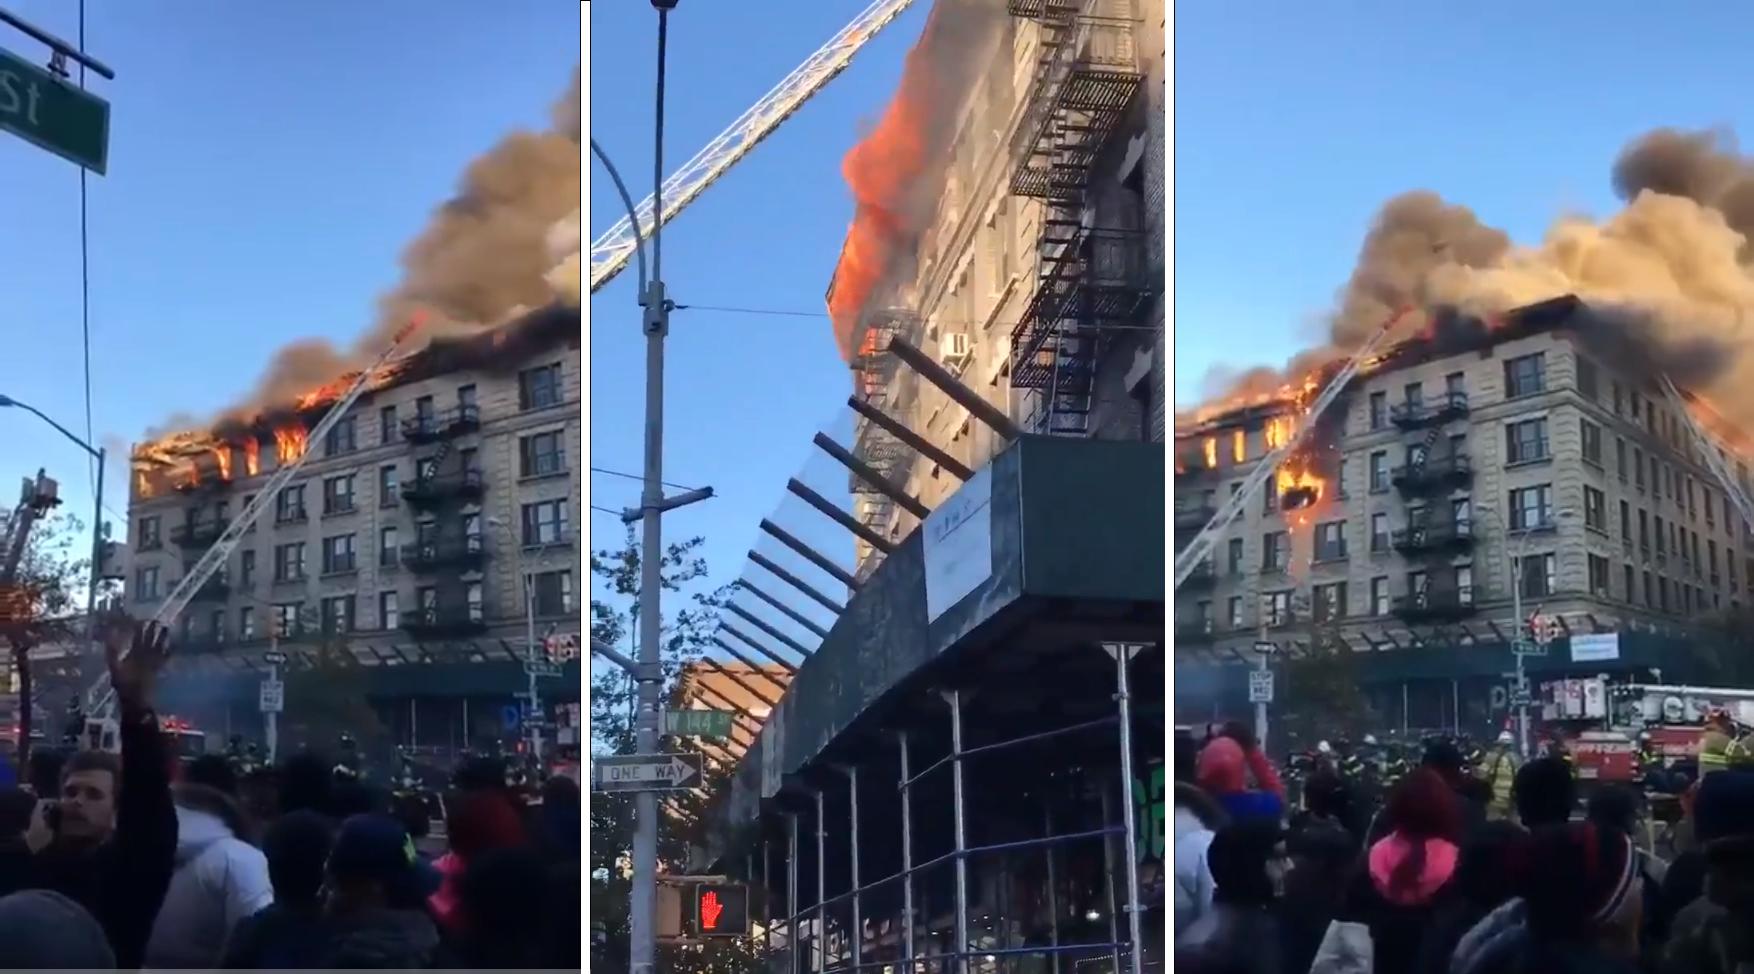 EEUU: alarma por voraz incendio en edificio de Manhattan